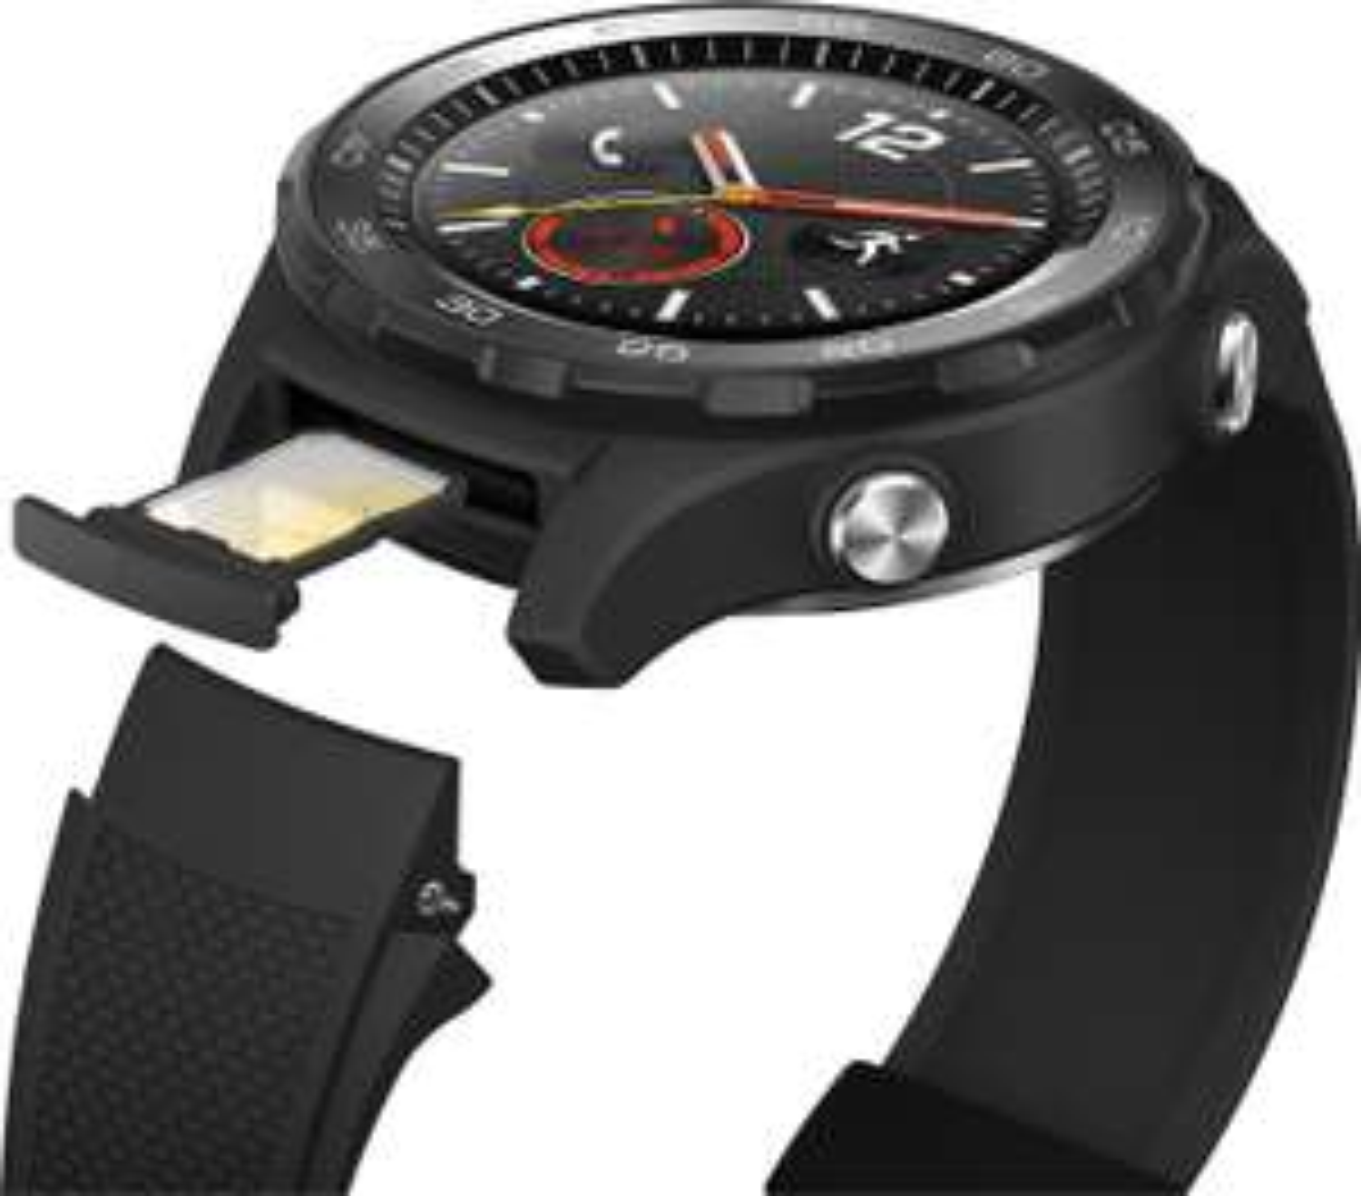 HUAWEI WATCH 2 4G LTE GPS Smartwatch Sportarmband schwarz NFC, Bluetooth, WLAN, Android Wear für 199,37€ inkl. Versandkosten